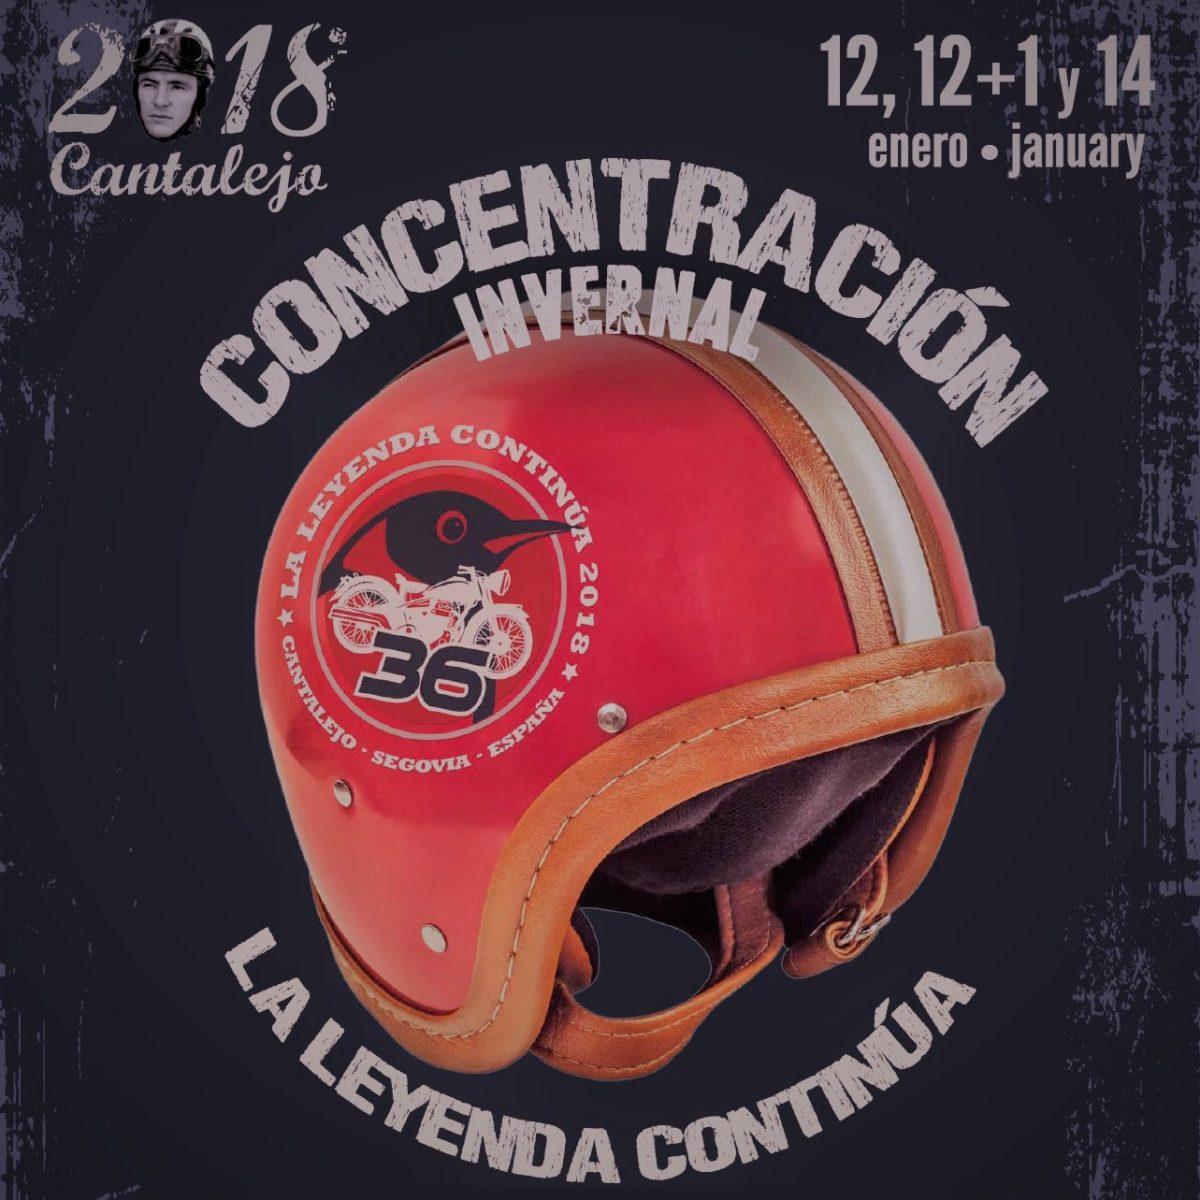 La leyenda continua 2018. Cantalejo. Año nuevo motero 2018